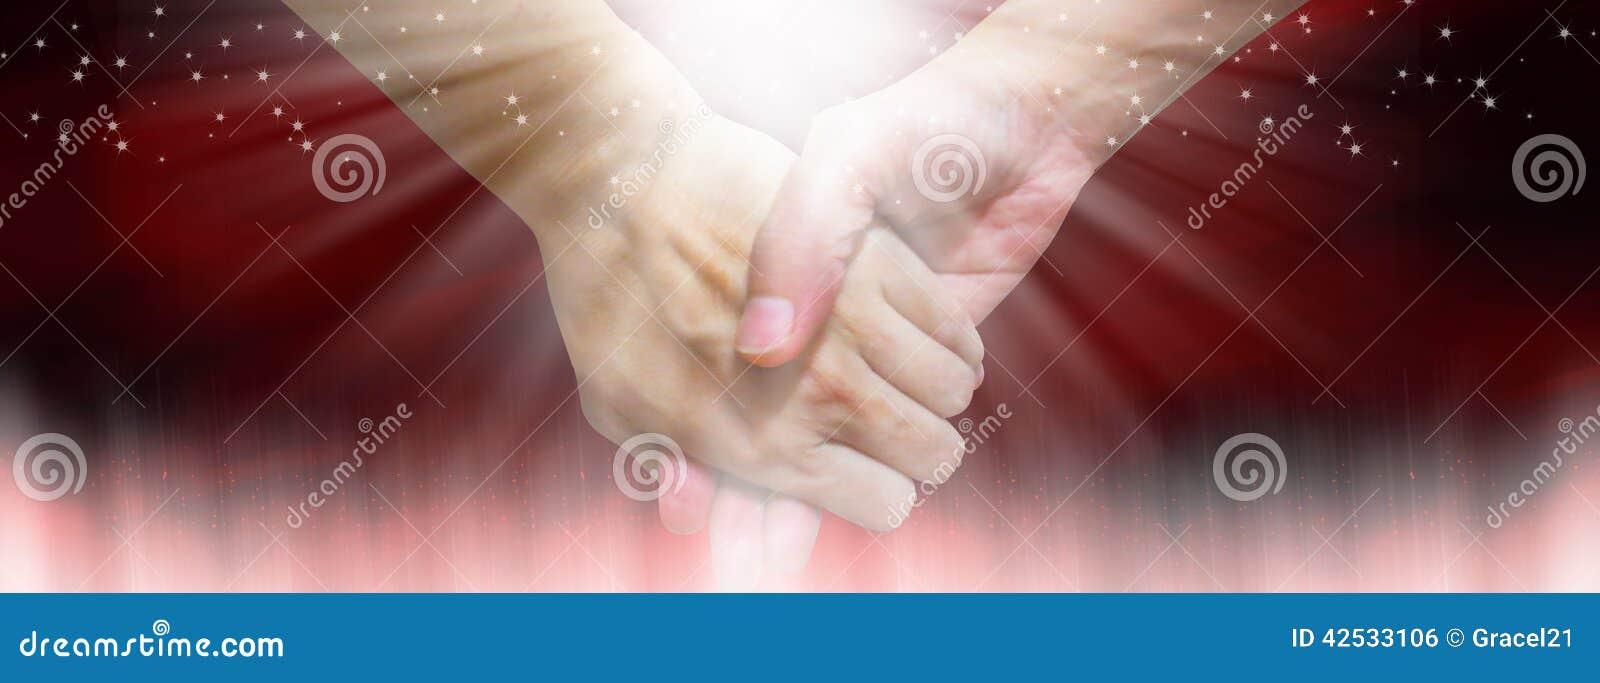 tenir la main lors de la datation